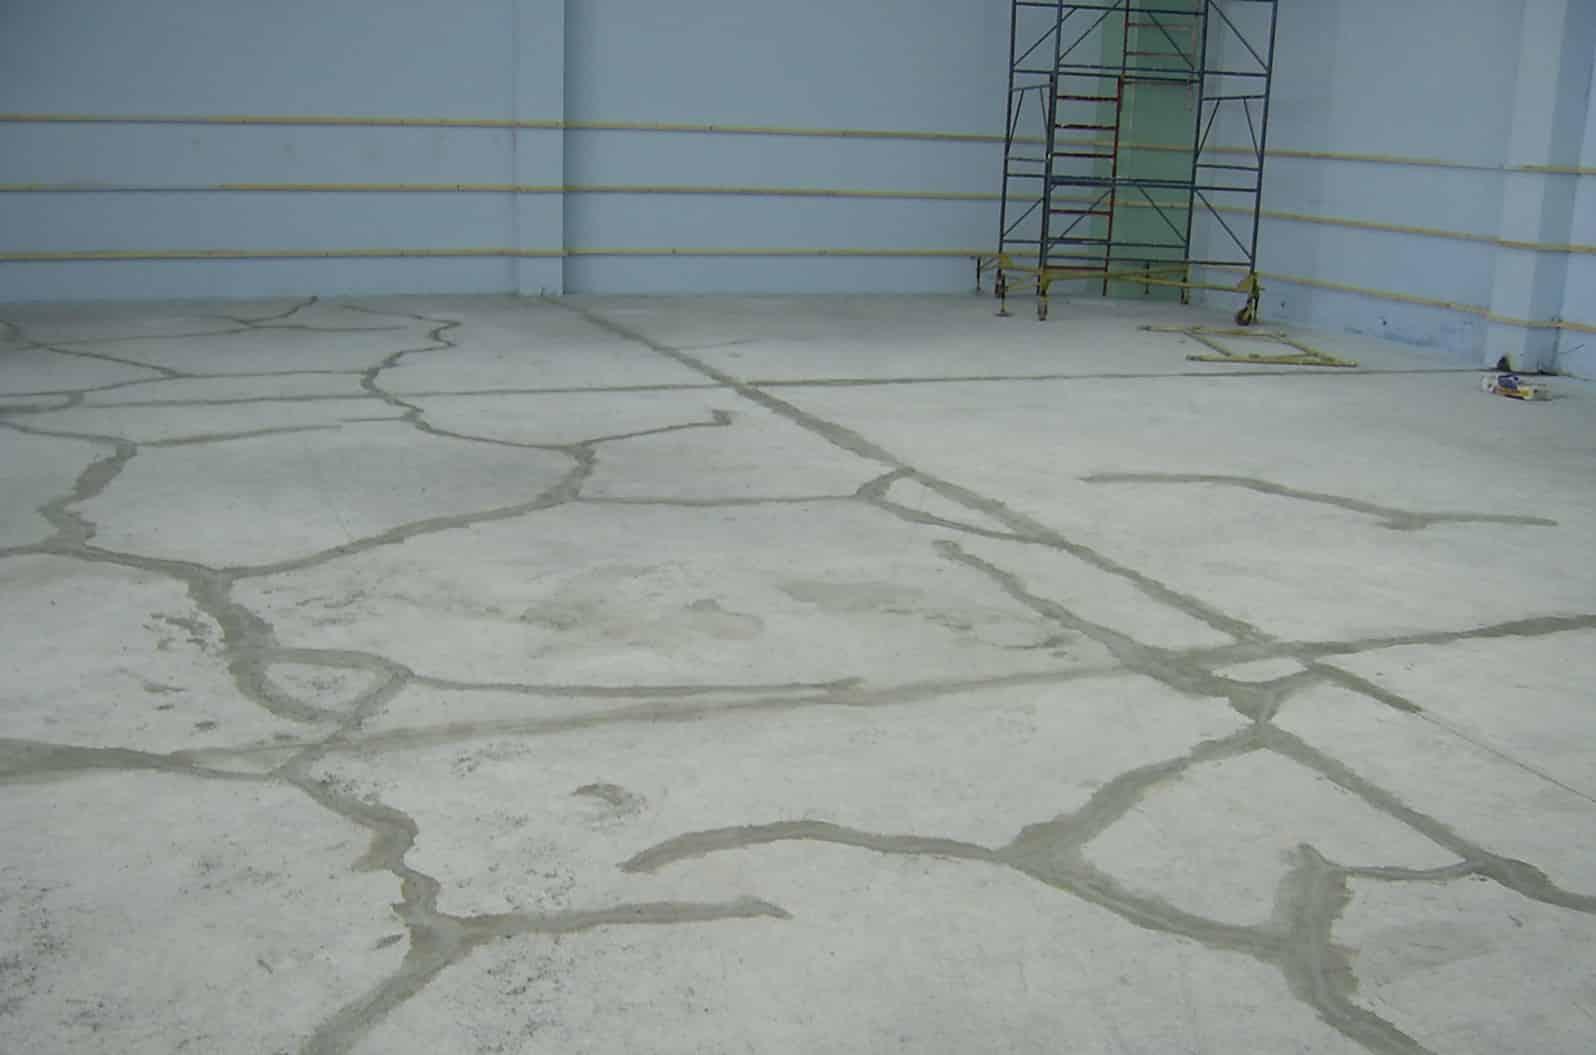 трещины на полу гаража